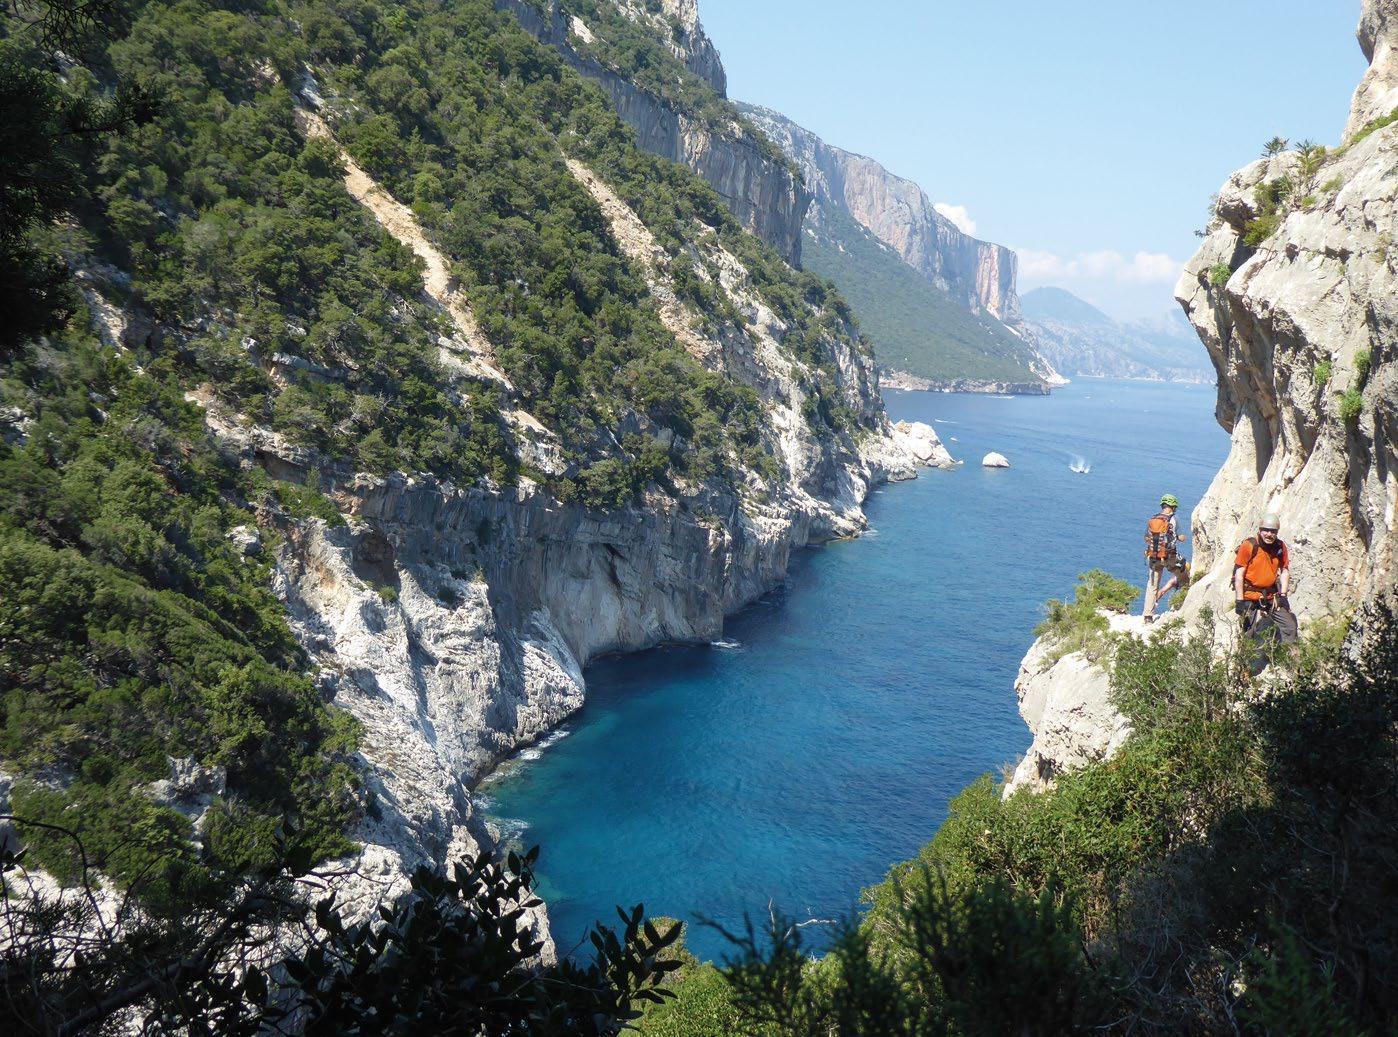 Page 20 of alpinistengruppe Selvaggio Blu auf Sardinien